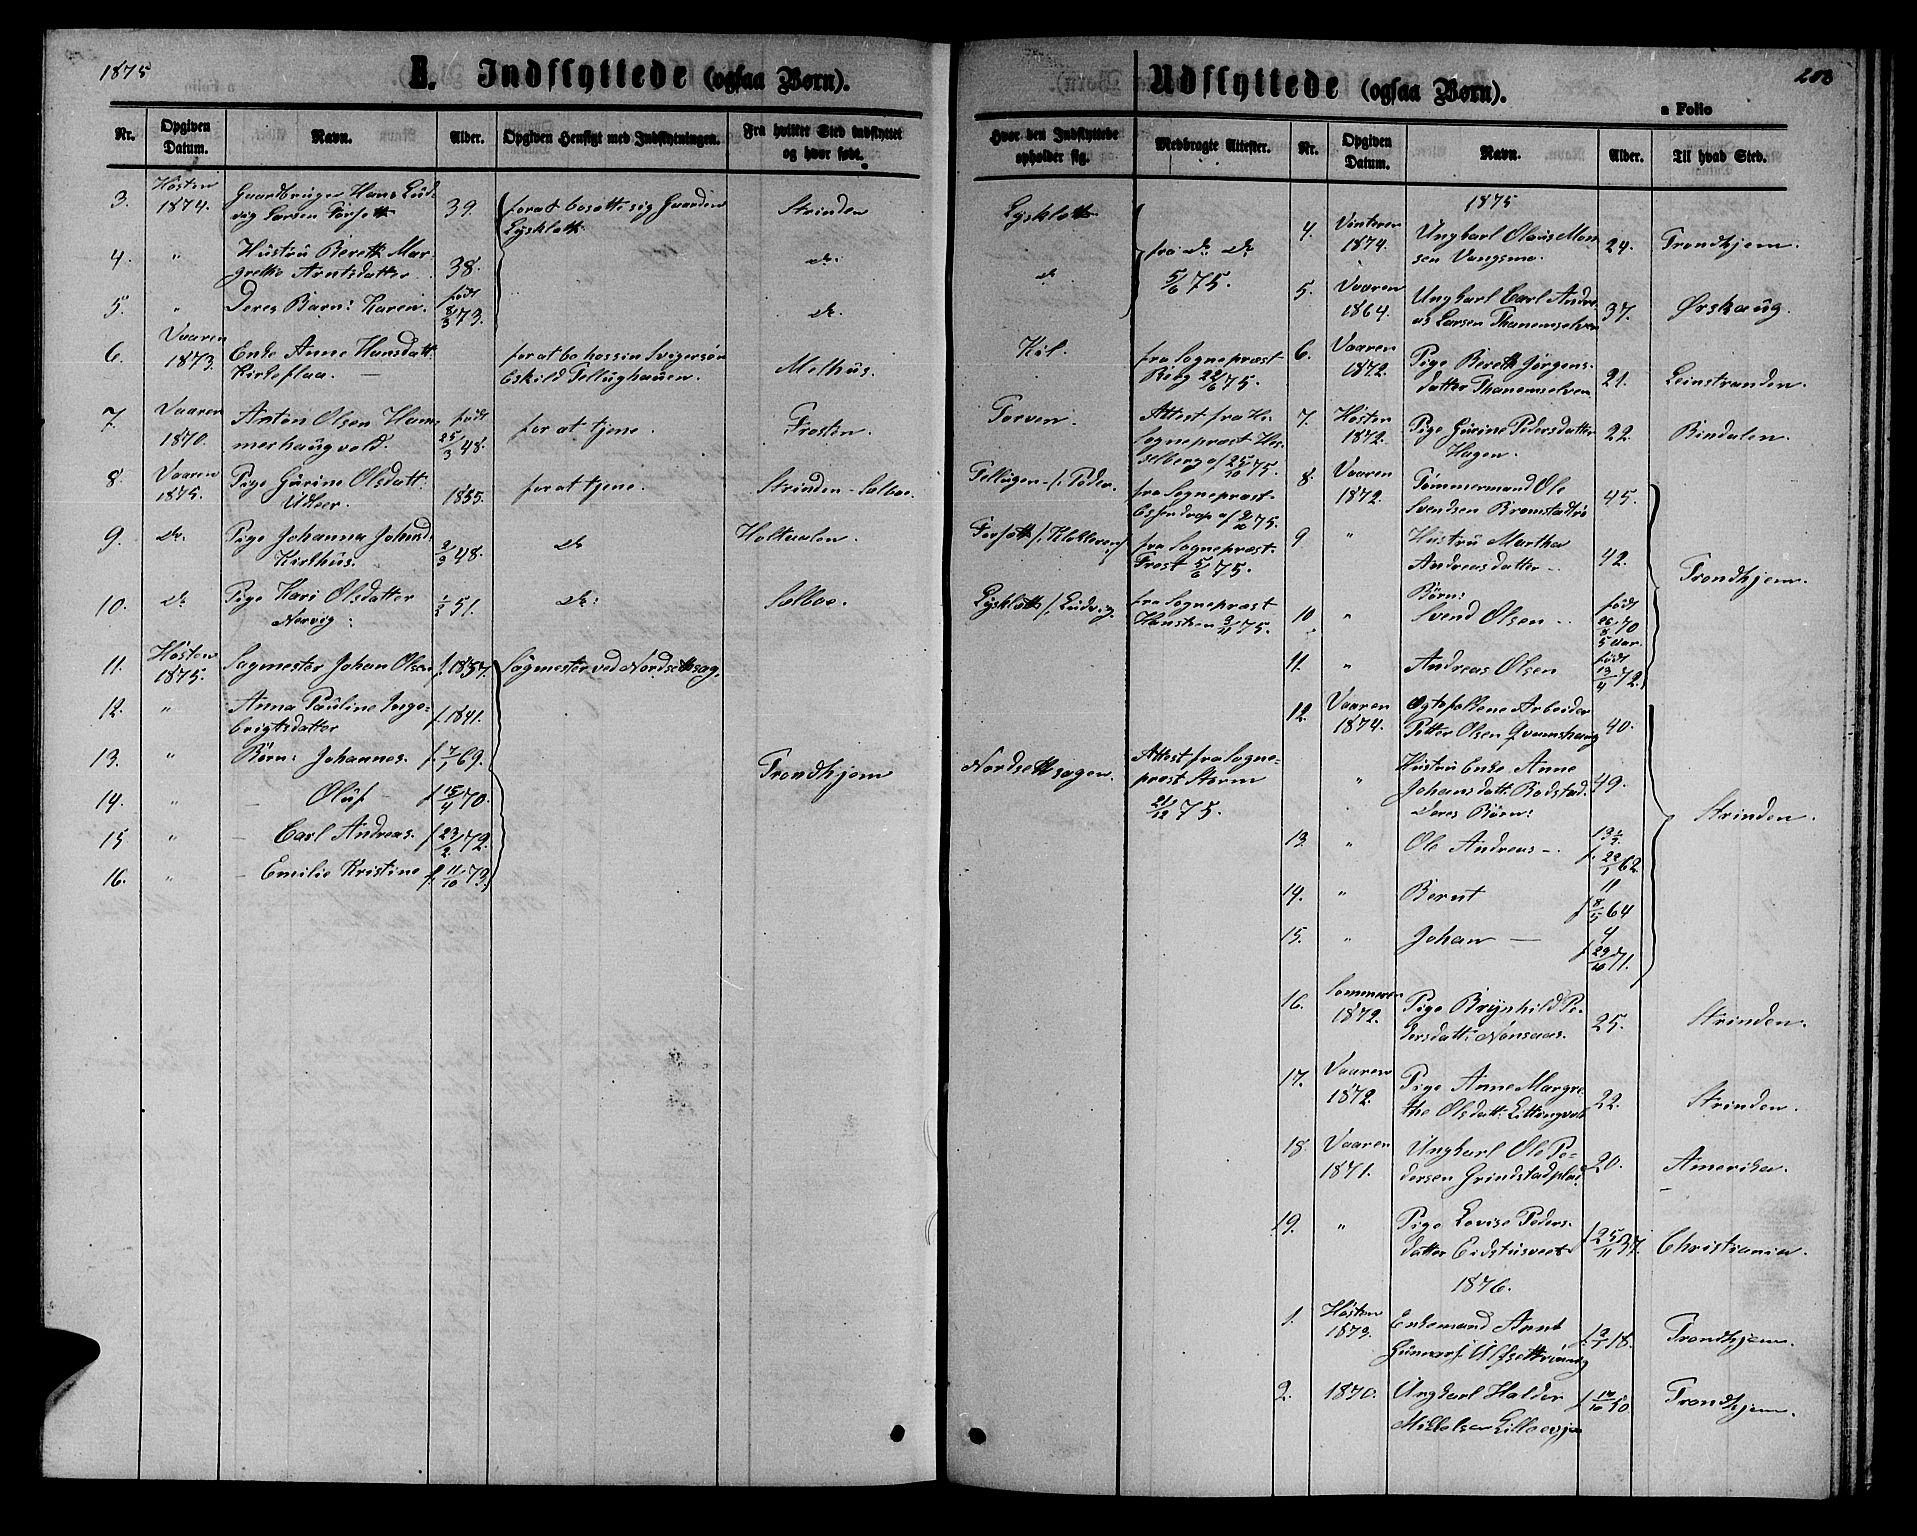 SAT, Ministerialprotokoller, klokkerbøker og fødselsregistre - Sør-Trøndelag, 618/L0451: Klokkerbok nr. 618C02, 1865-1883, s. 208